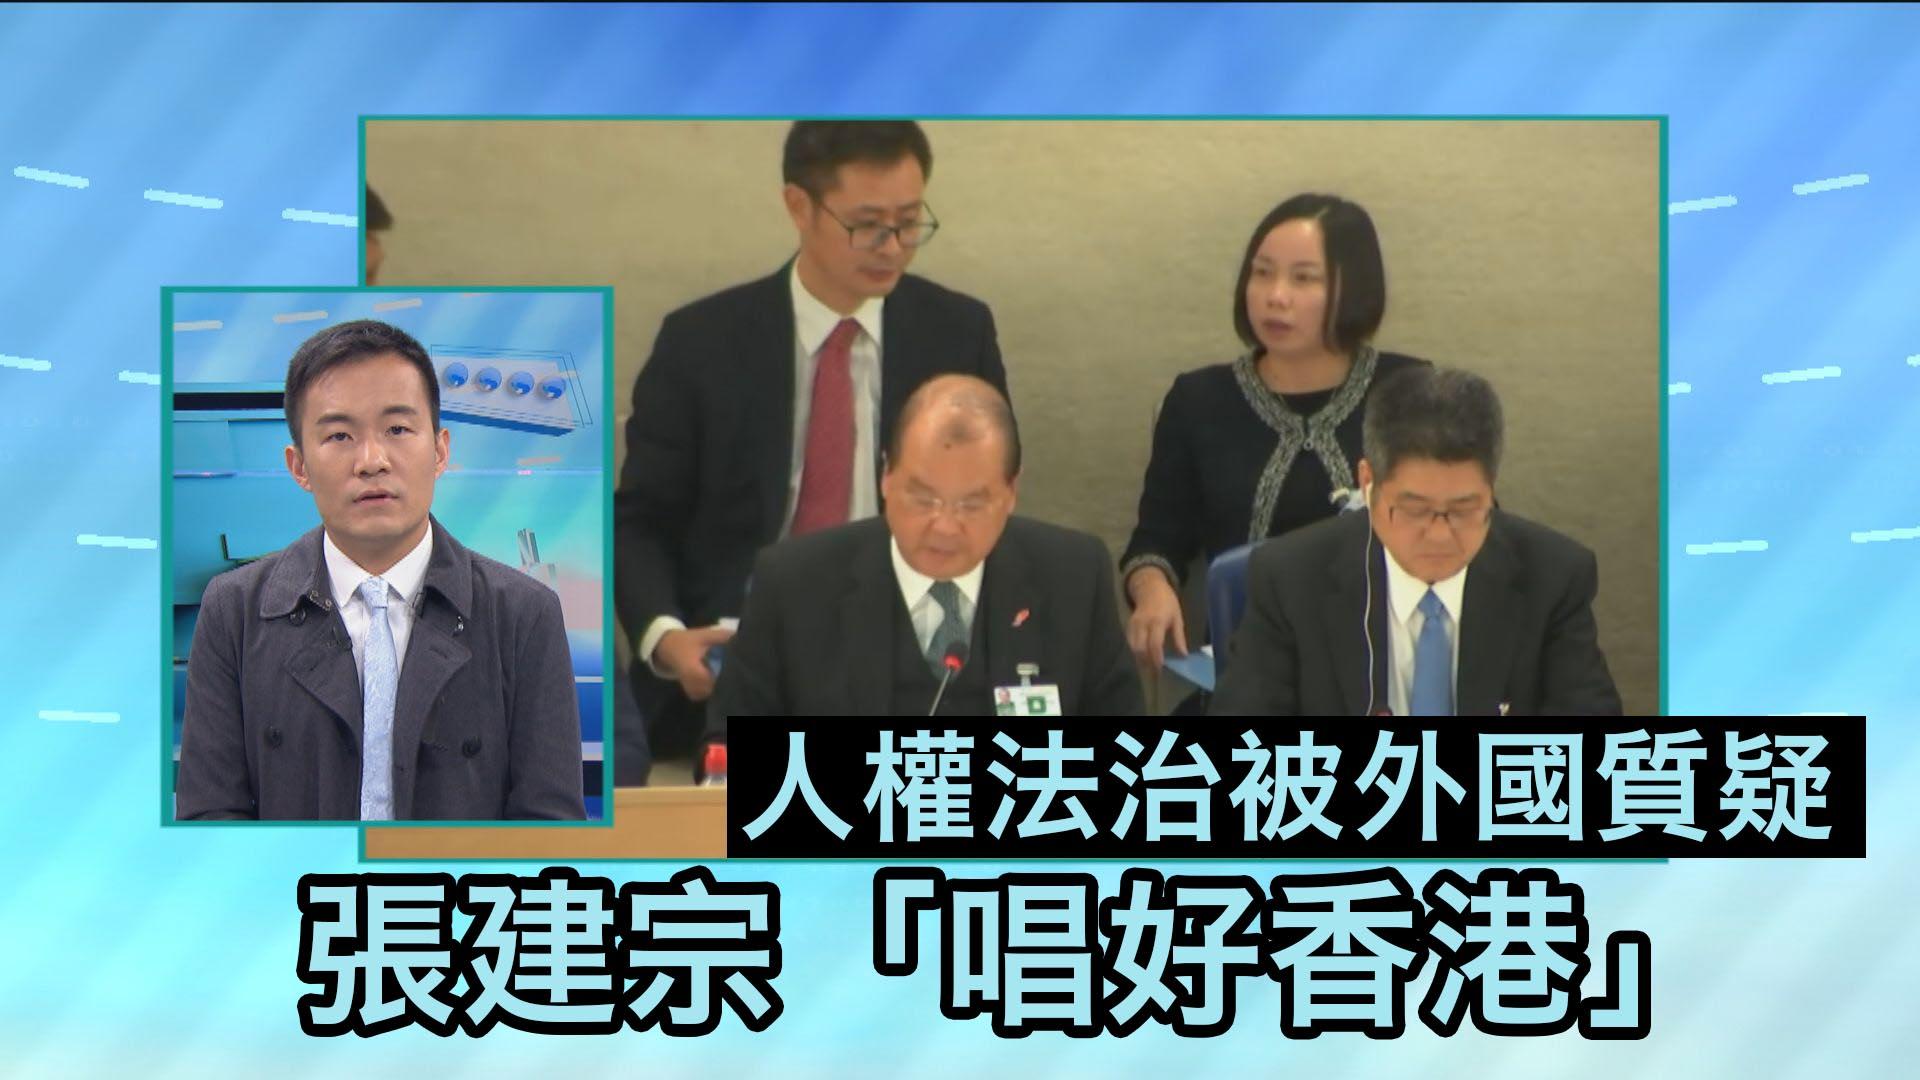 【政情】人權法治被外國質疑 張建宗唱好香港